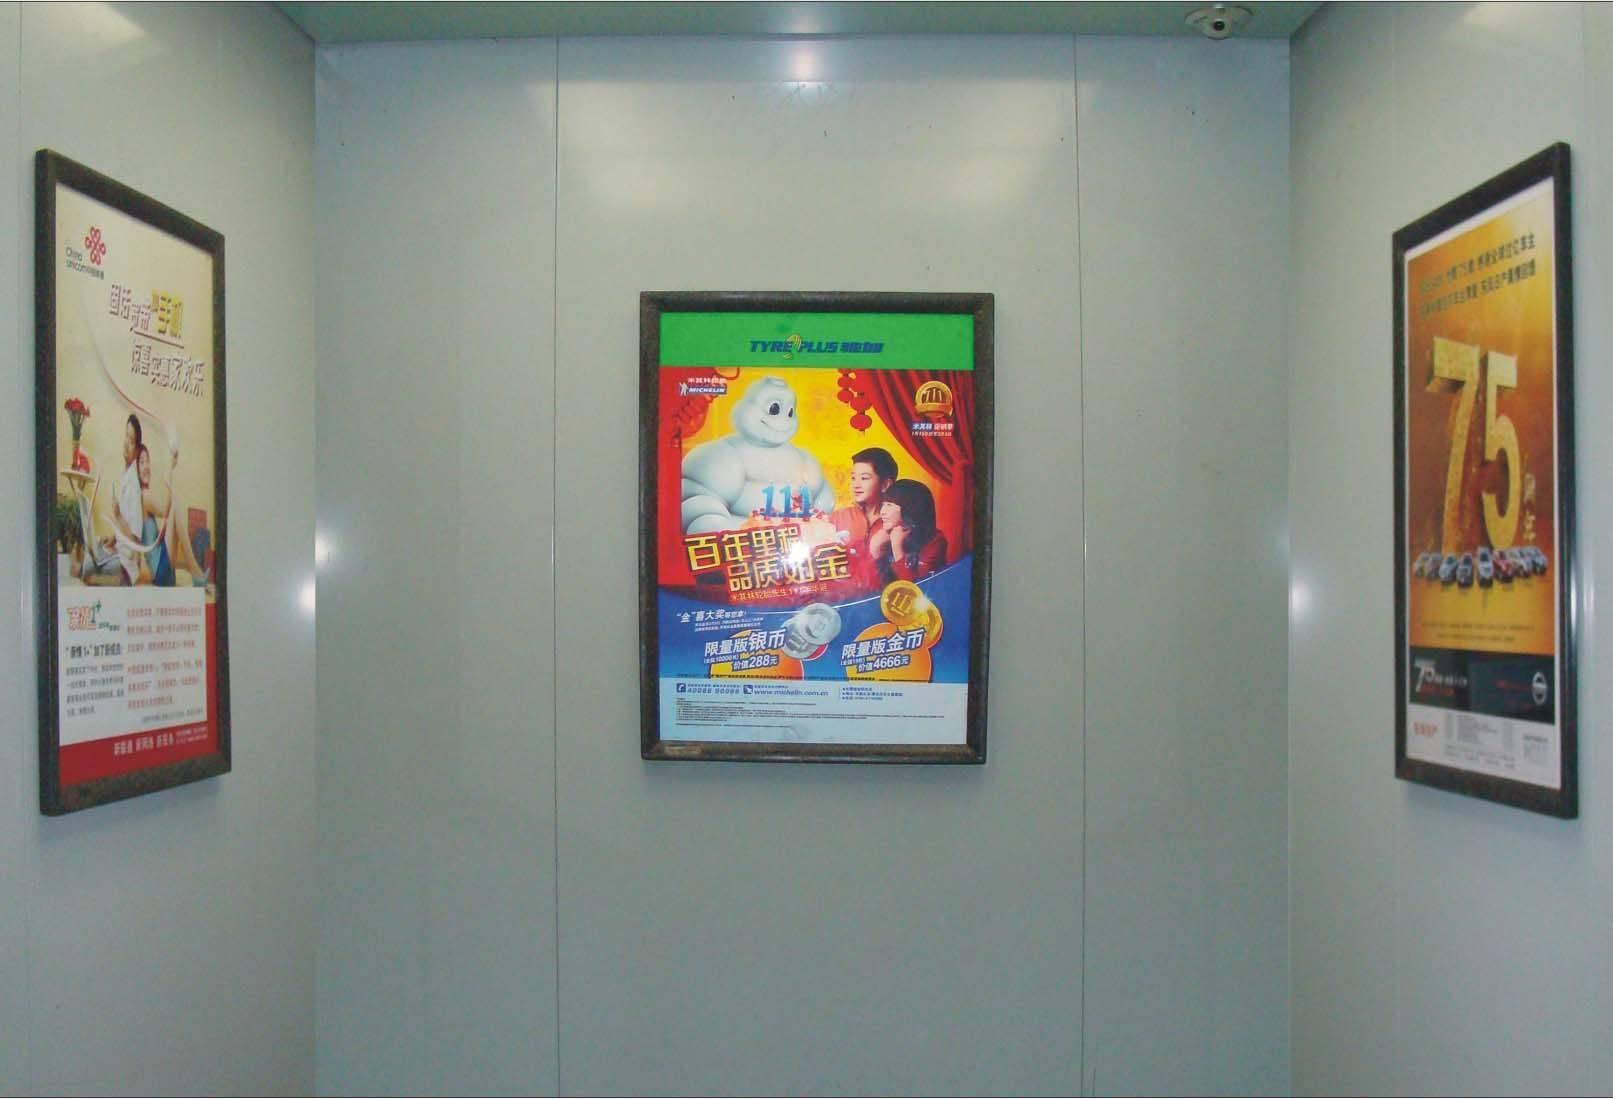 佛山市高明区中旅银湾电梯轿厢广告框架